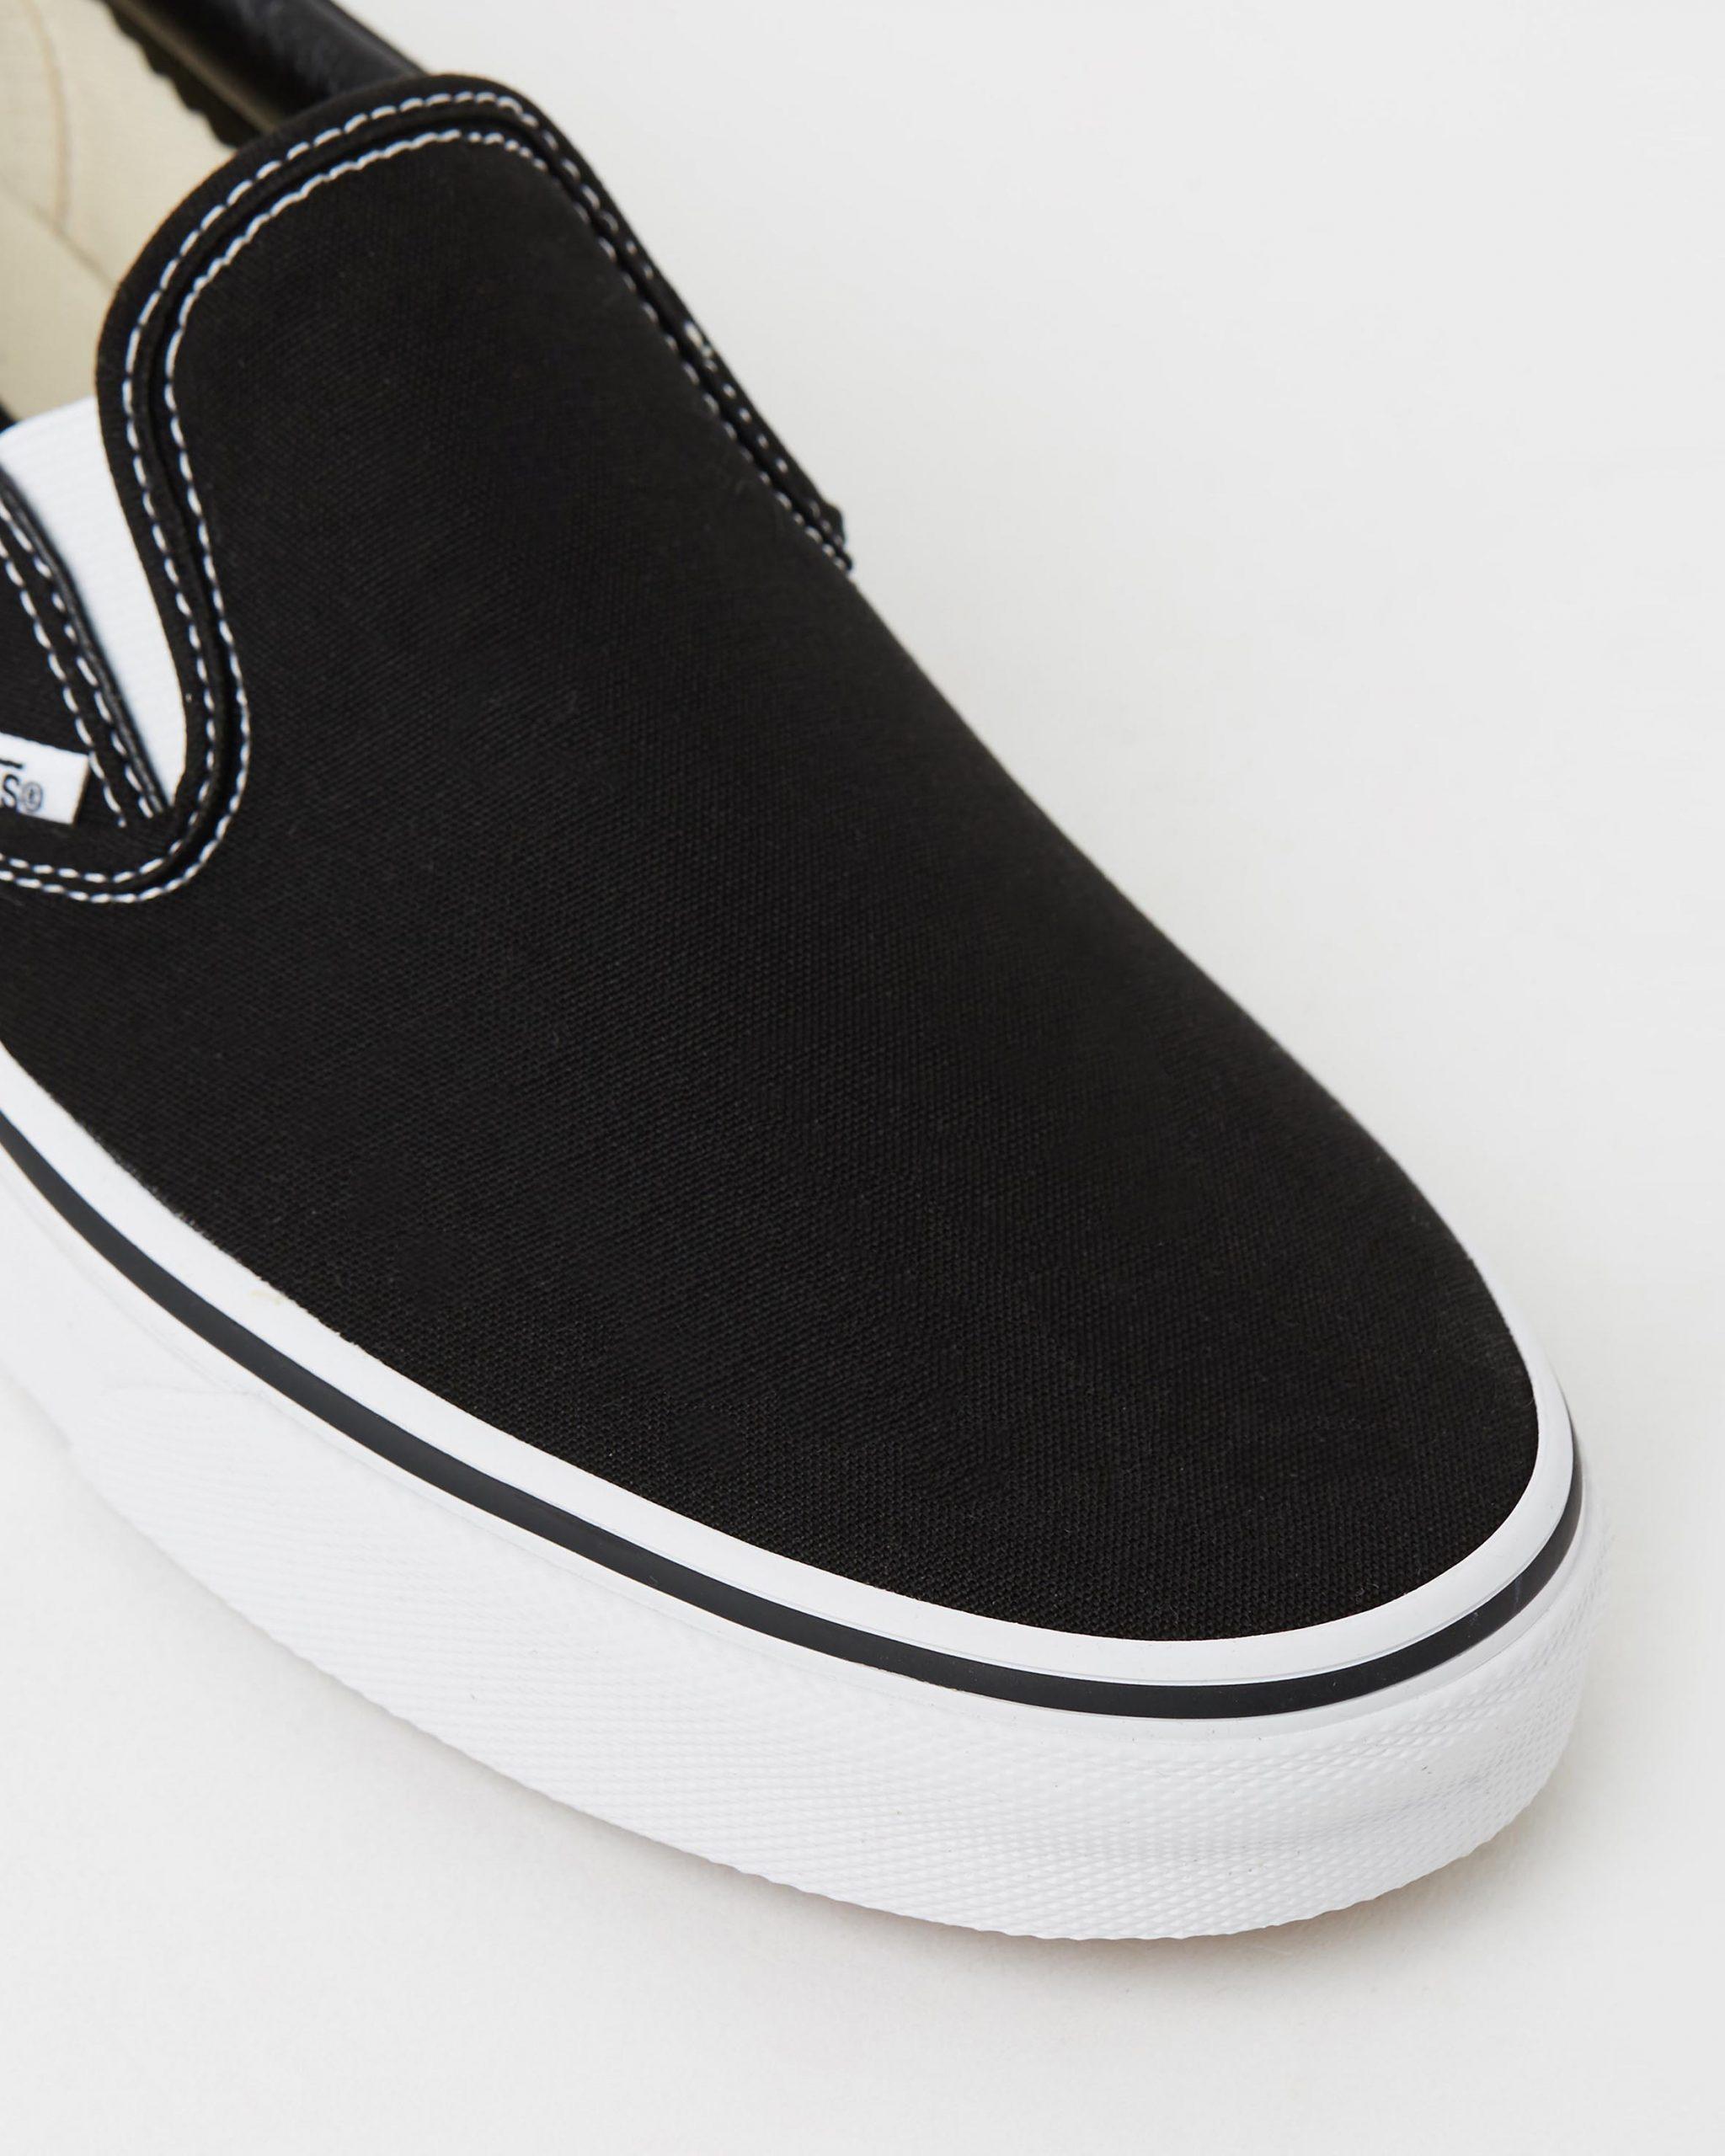 Vans Womens Classic Slip-on Skate Shoe